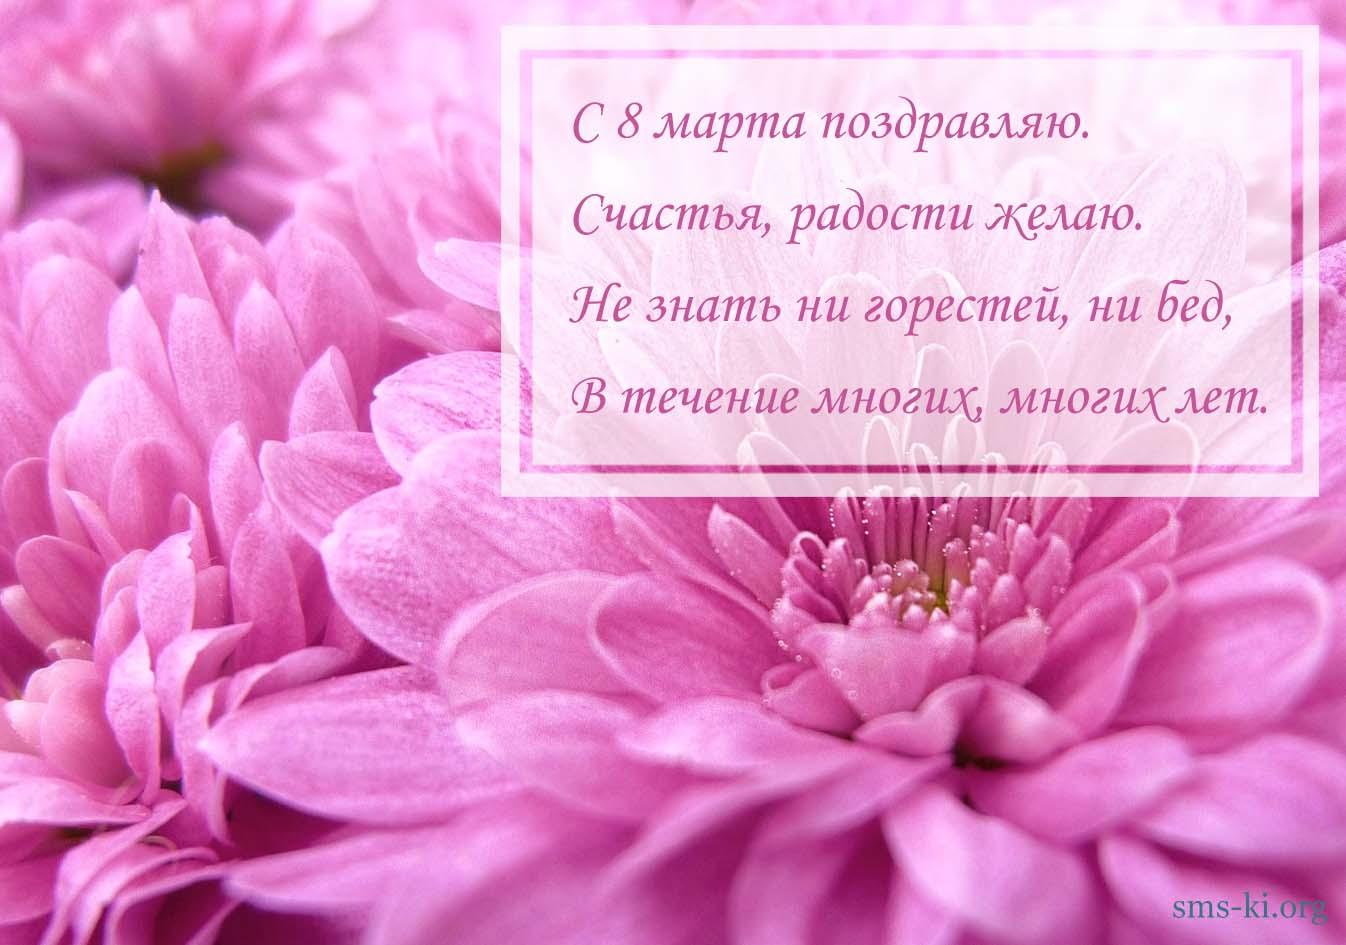 Открытка - С 8 марта поздравляю счастья